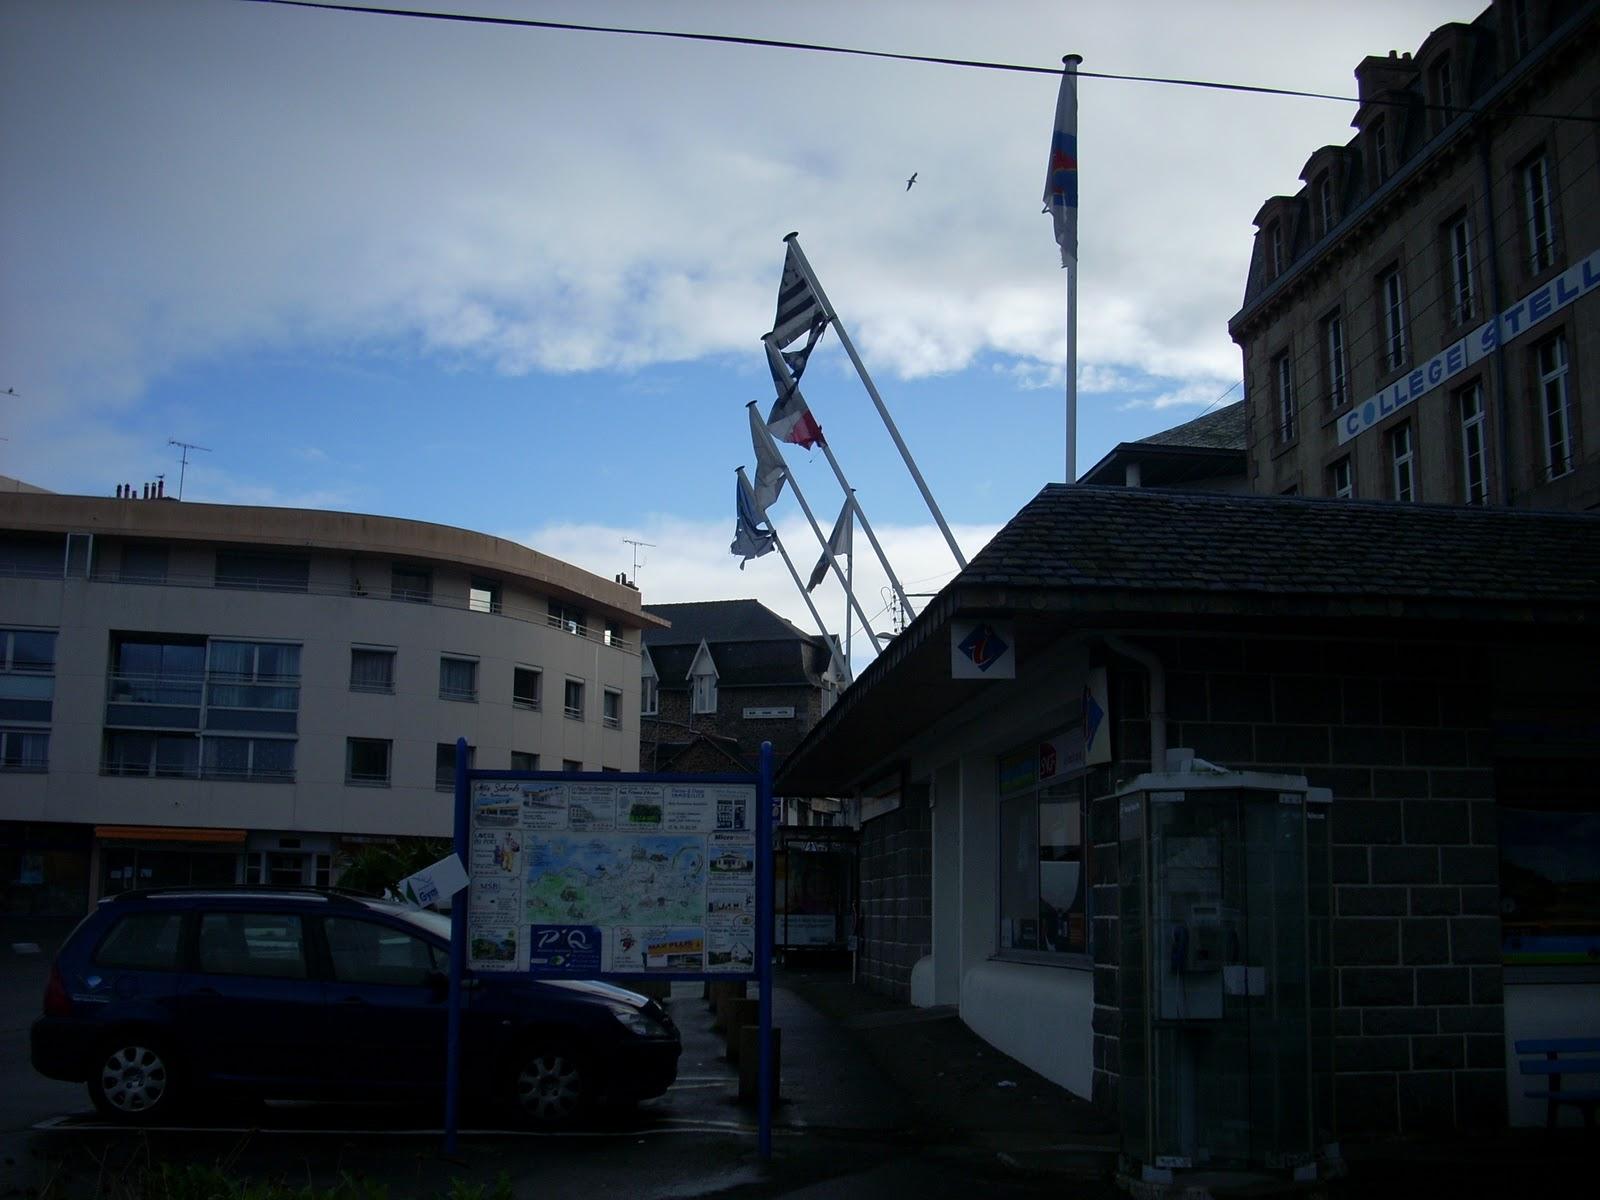 Le blog de michel office du tourisme 15 02 - Office du tourisme les contamines montjoie 74 ...